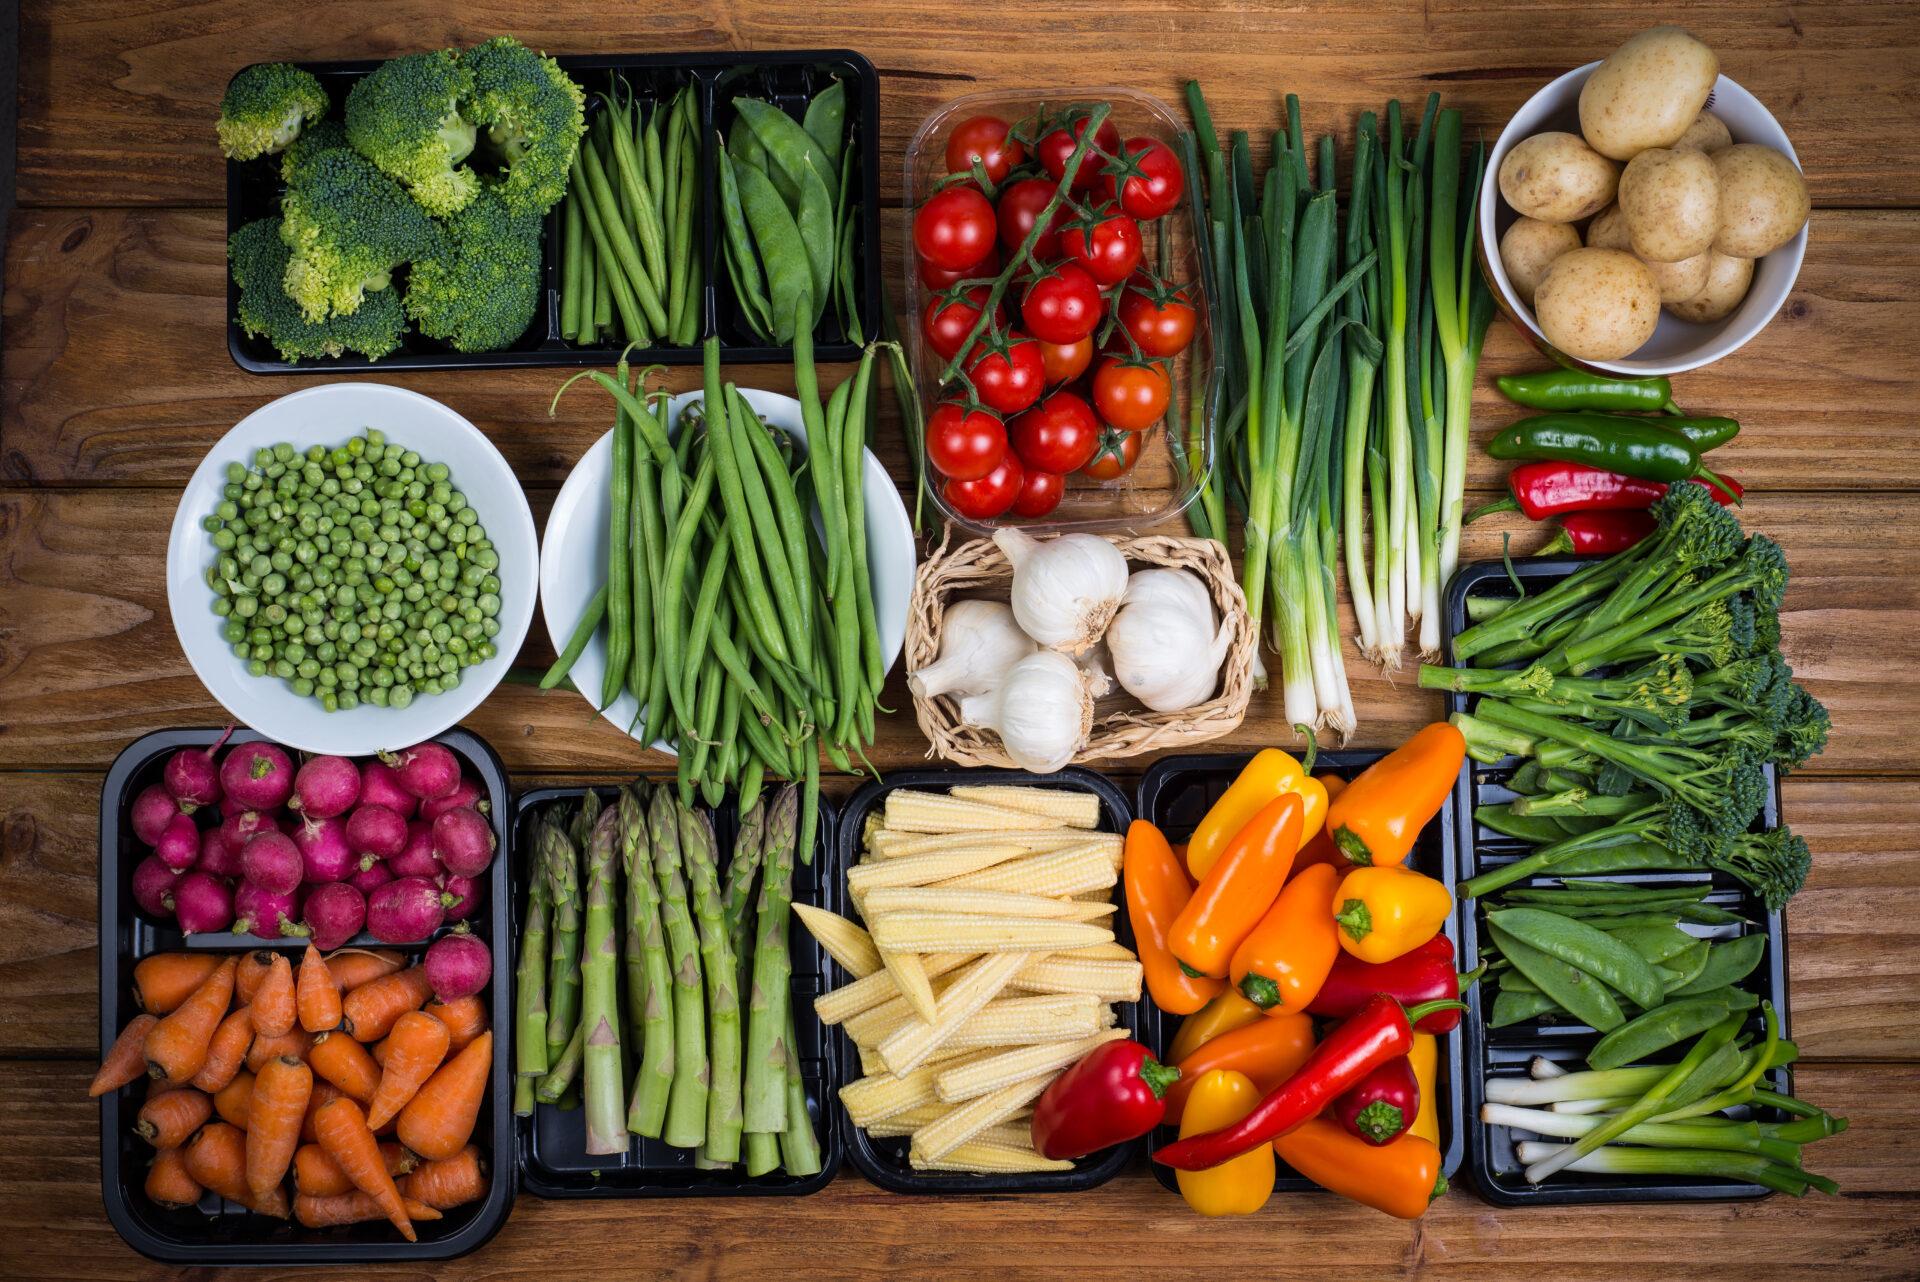 imagen destacada de los 10 tipos de verdura que podemos consumir en nuestra dieta diaria